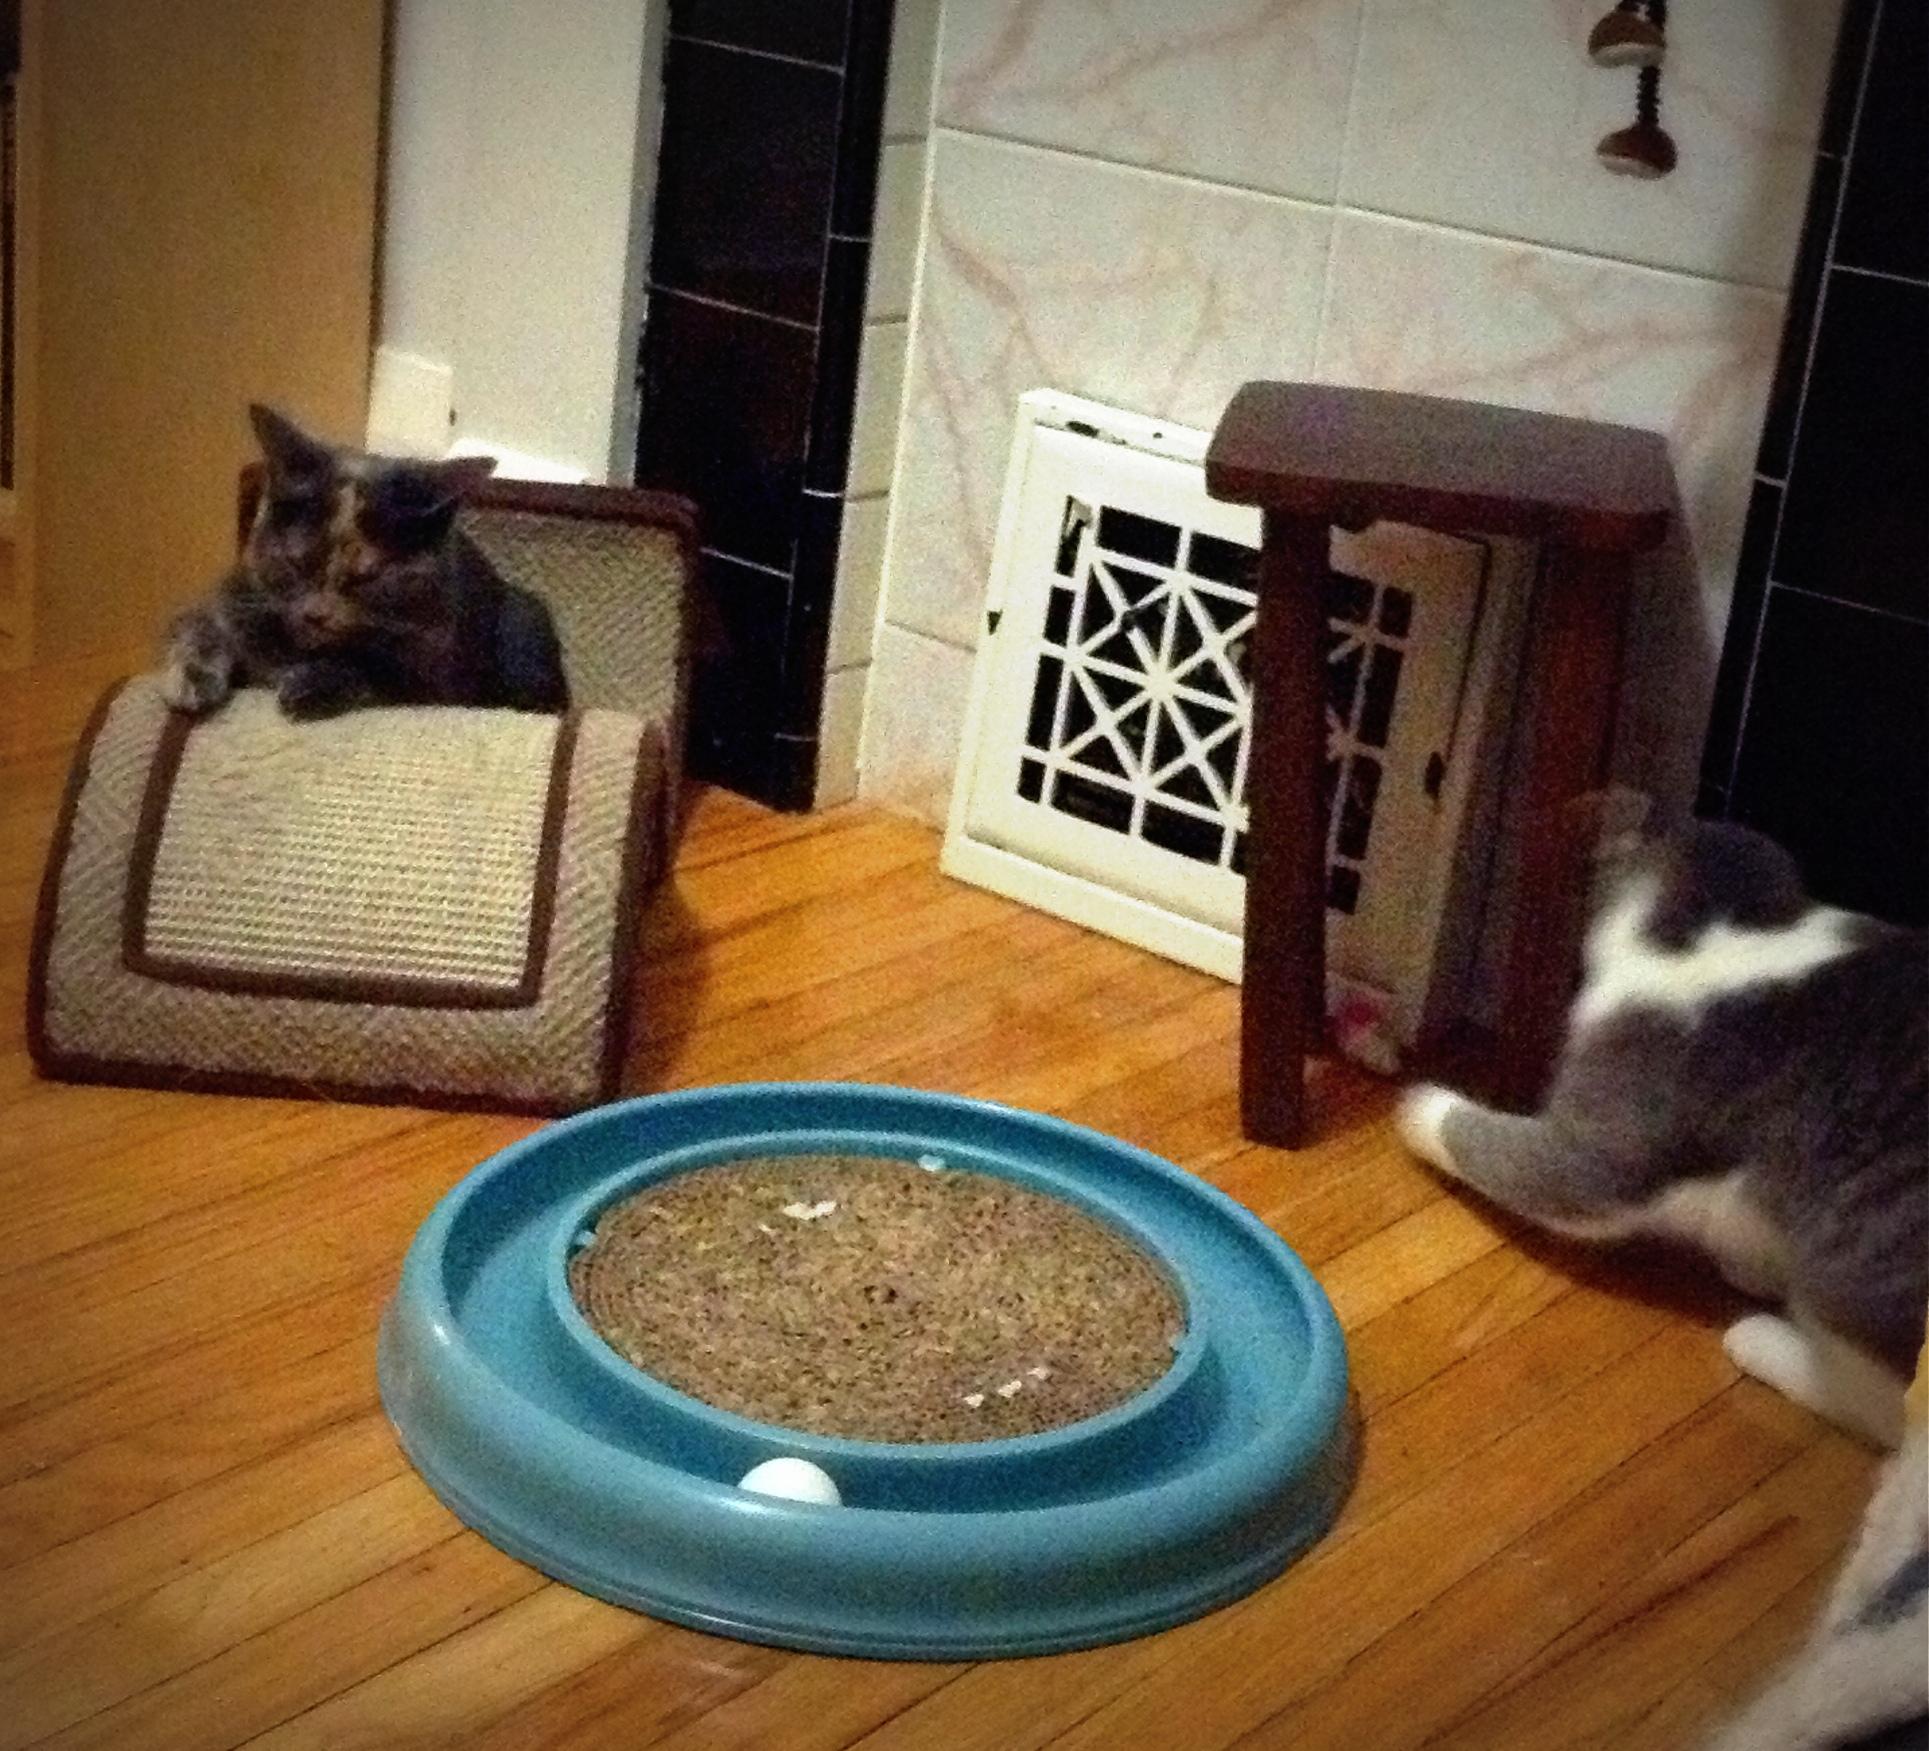 Kittens-13-05-23